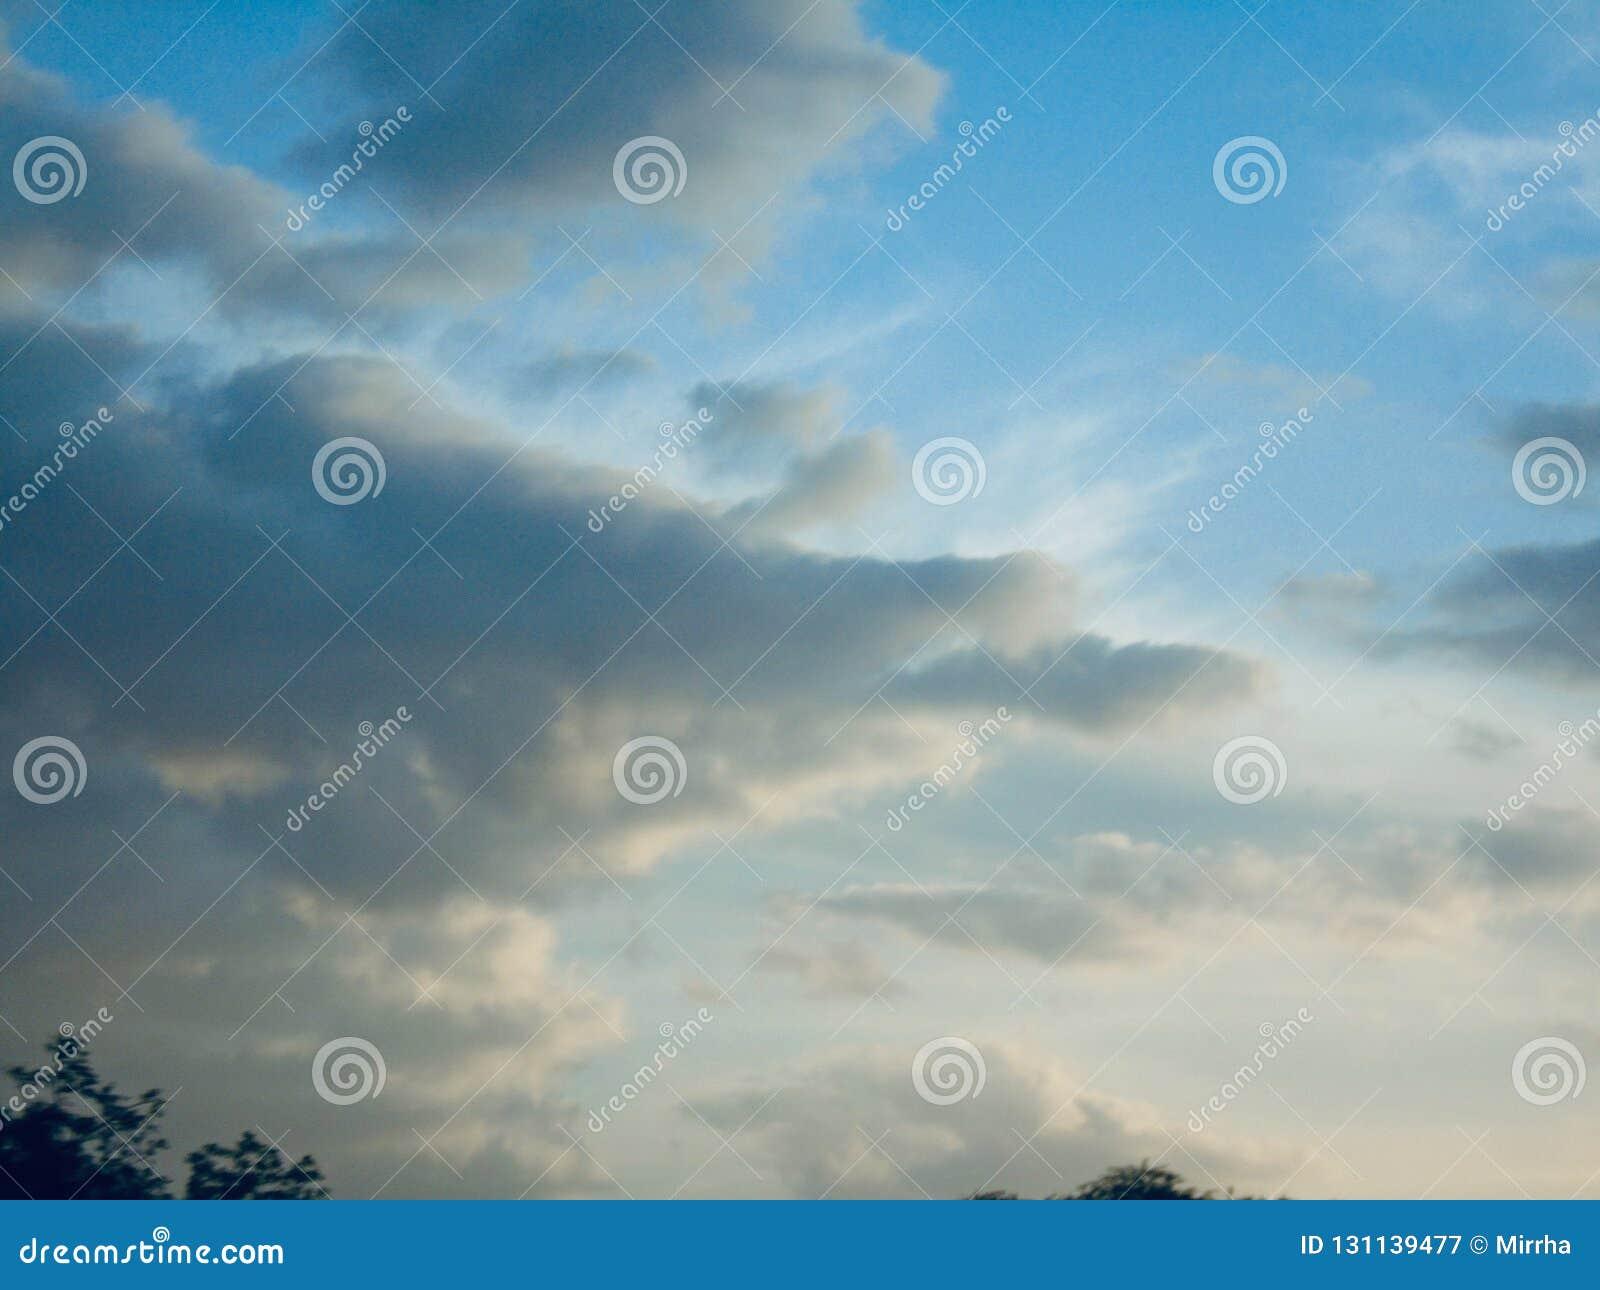 Niebo jest królewiątkiem awesomeness